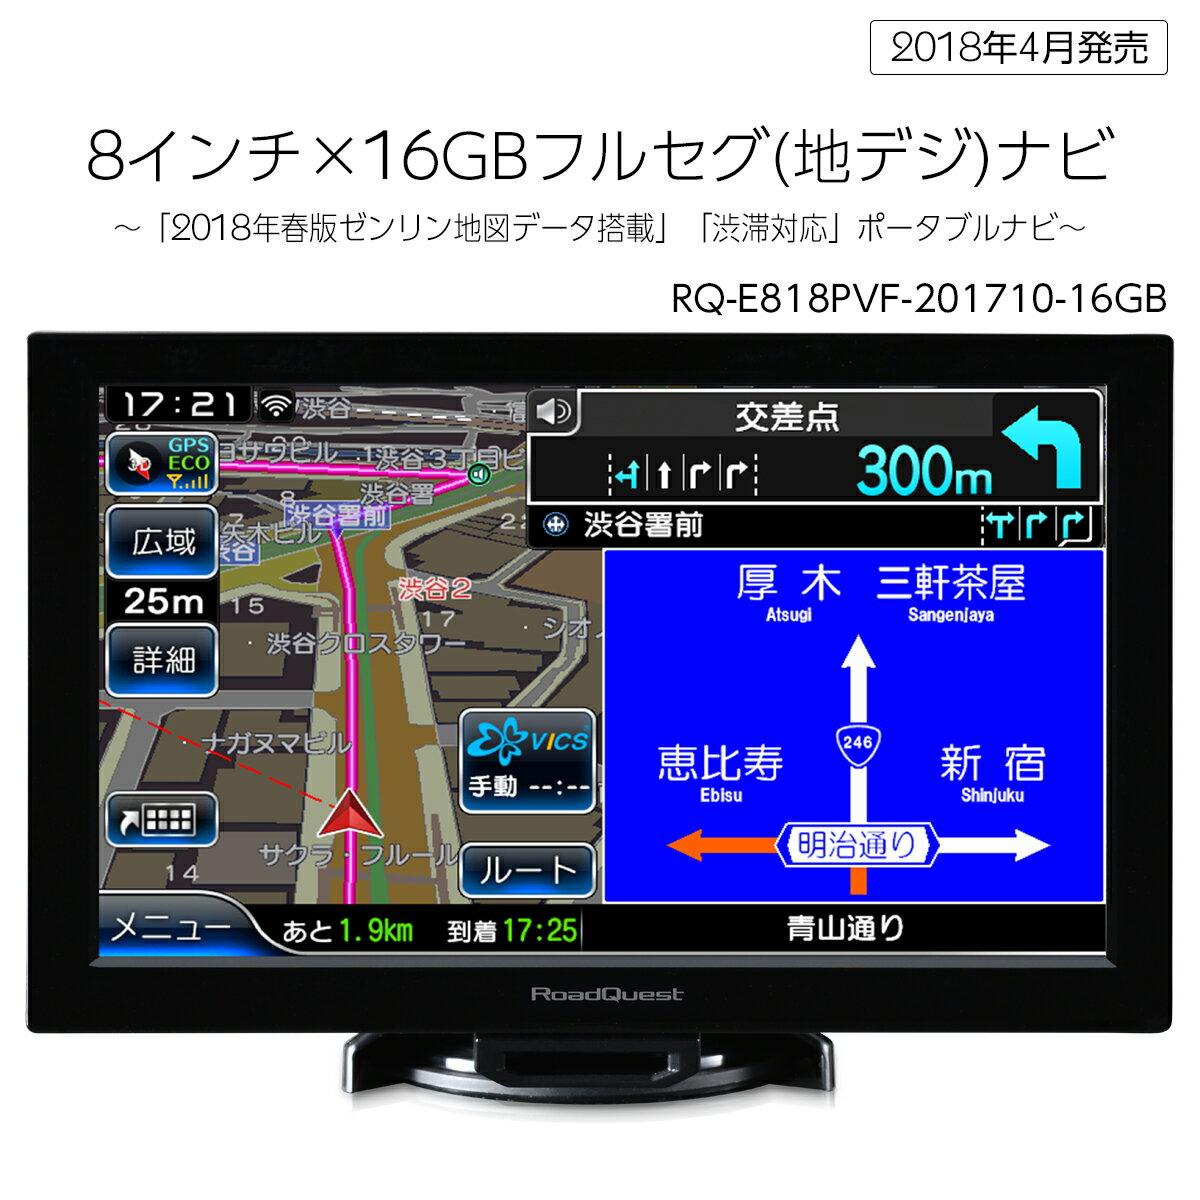 8インチ×16GBフルセグ(地デジ)ポータブルナビ 2018年春版ゼンリン地図データ VICS渋滞対応 RoadQuestポータブルナビ「RQ-E818PVF-16GB」